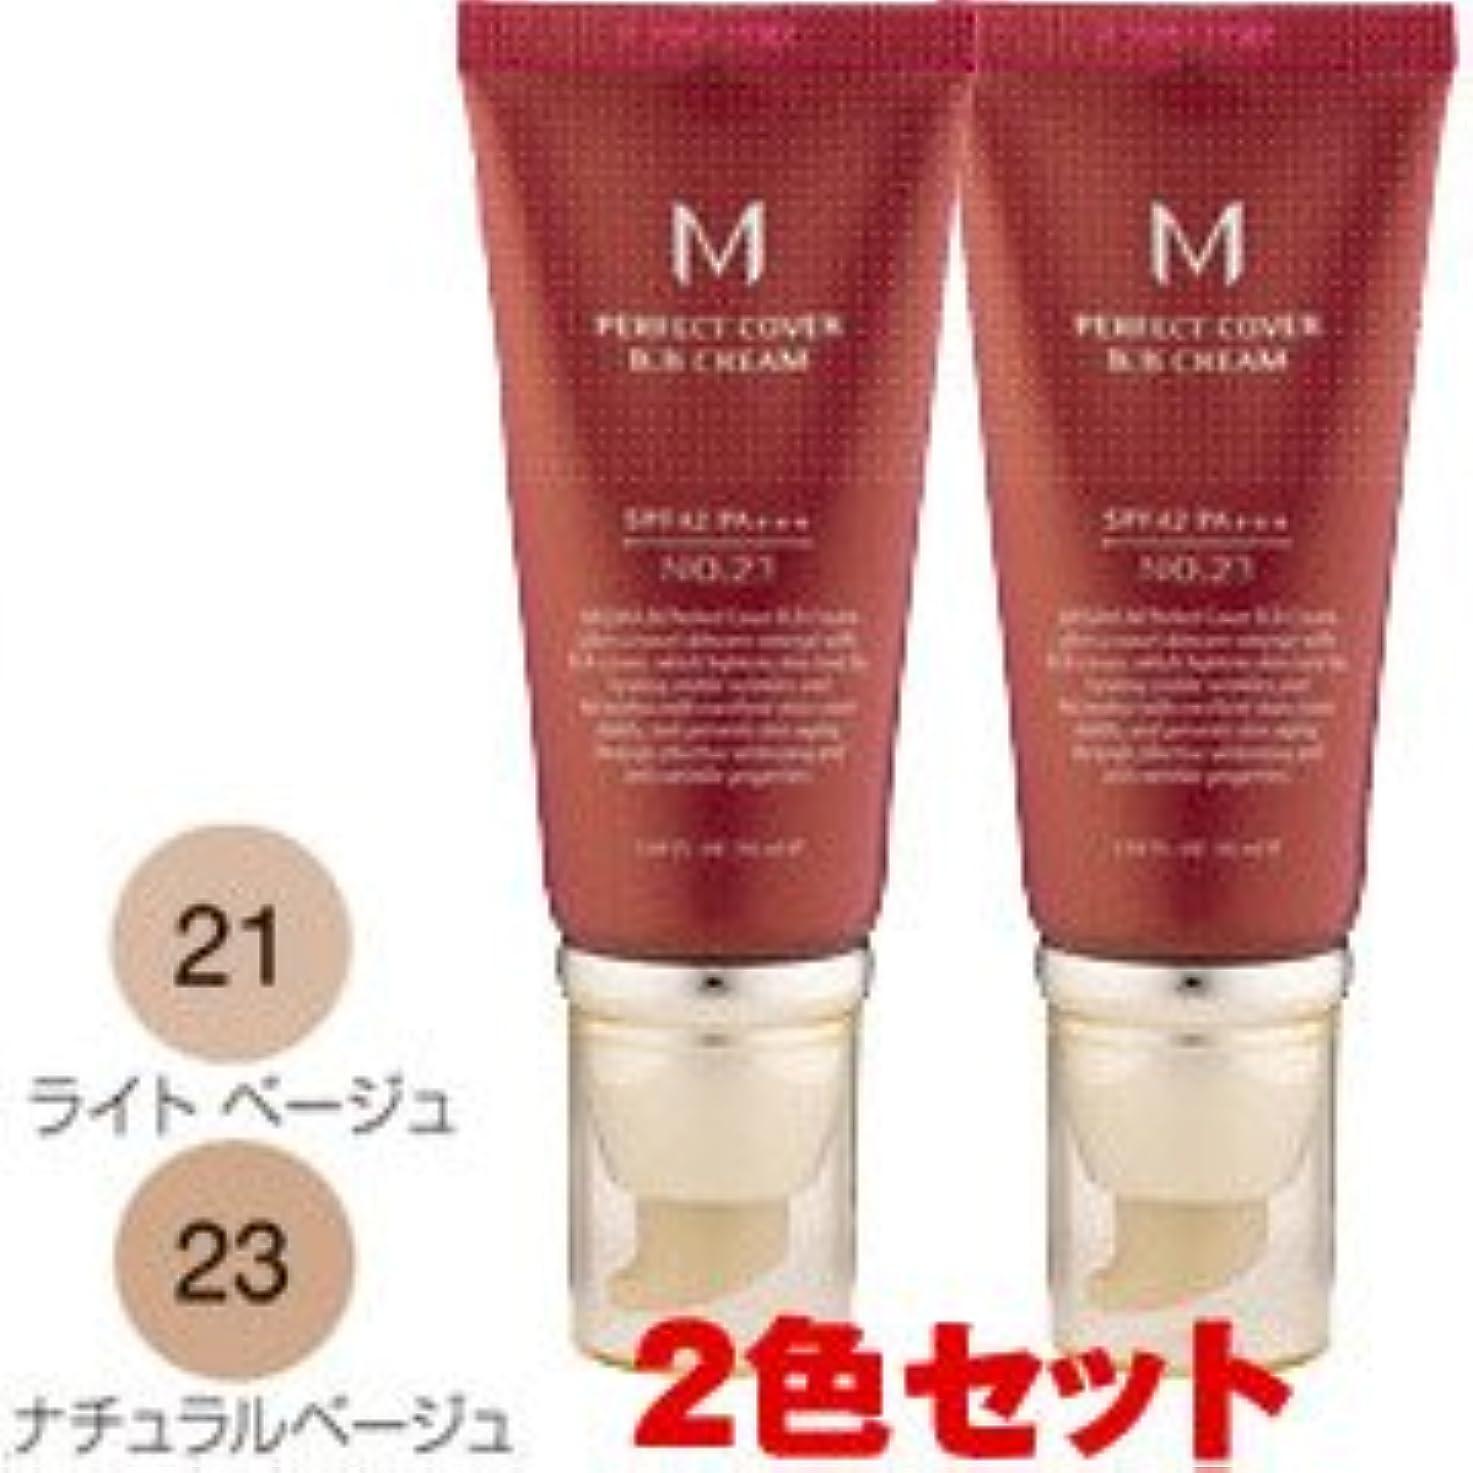 香港銅アスペクトMissha(ミシャ) M BBクリーム UV SPF42 PA+++ #21 と #23 の2色セット 50ml×2個セット [並行輸入品][海外直送品]